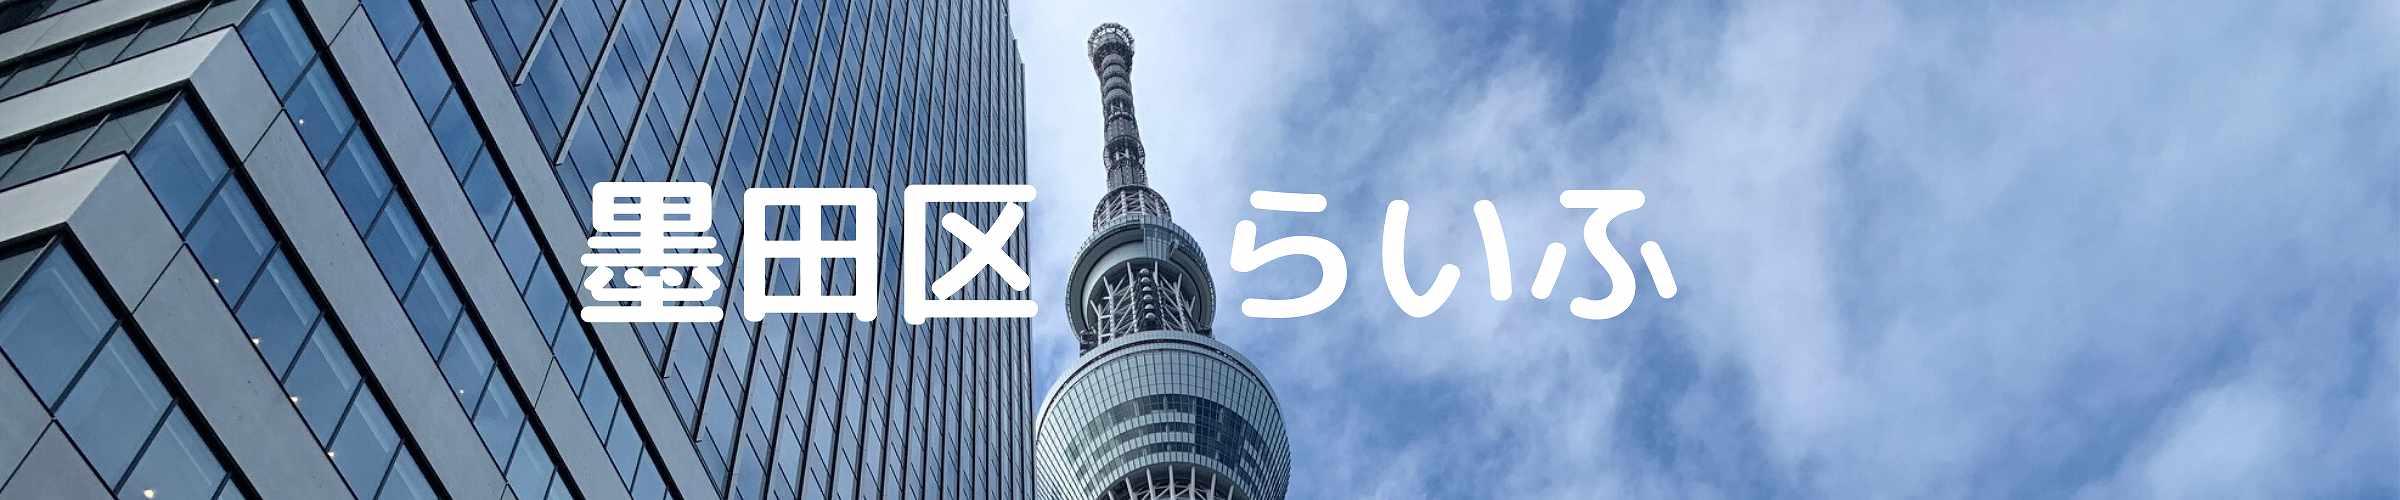 墨田区らいふのロゴ画像